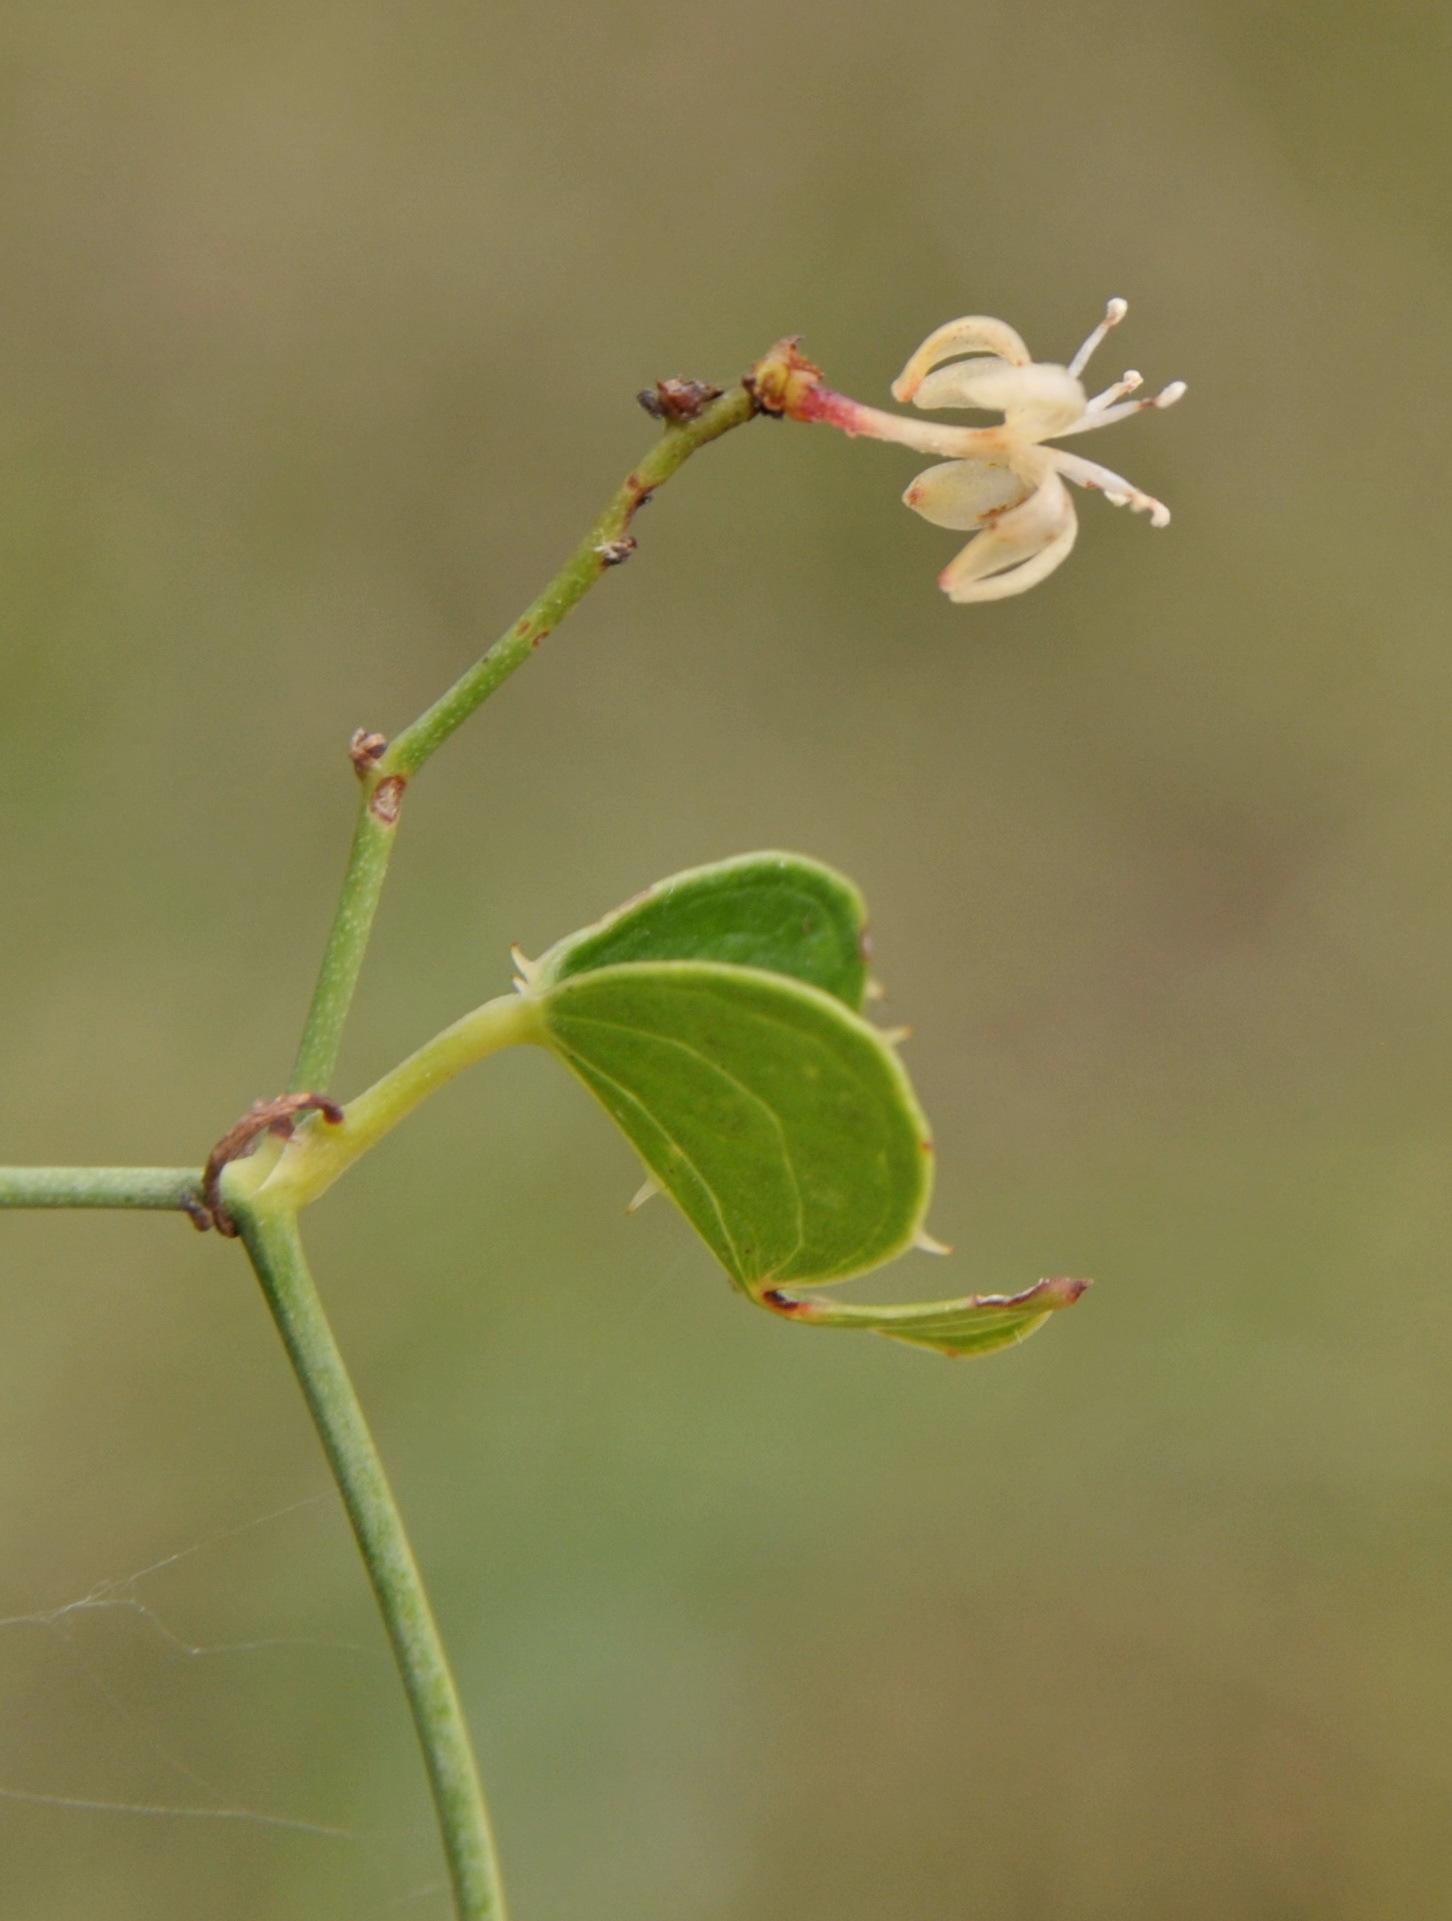 Image of catbrier